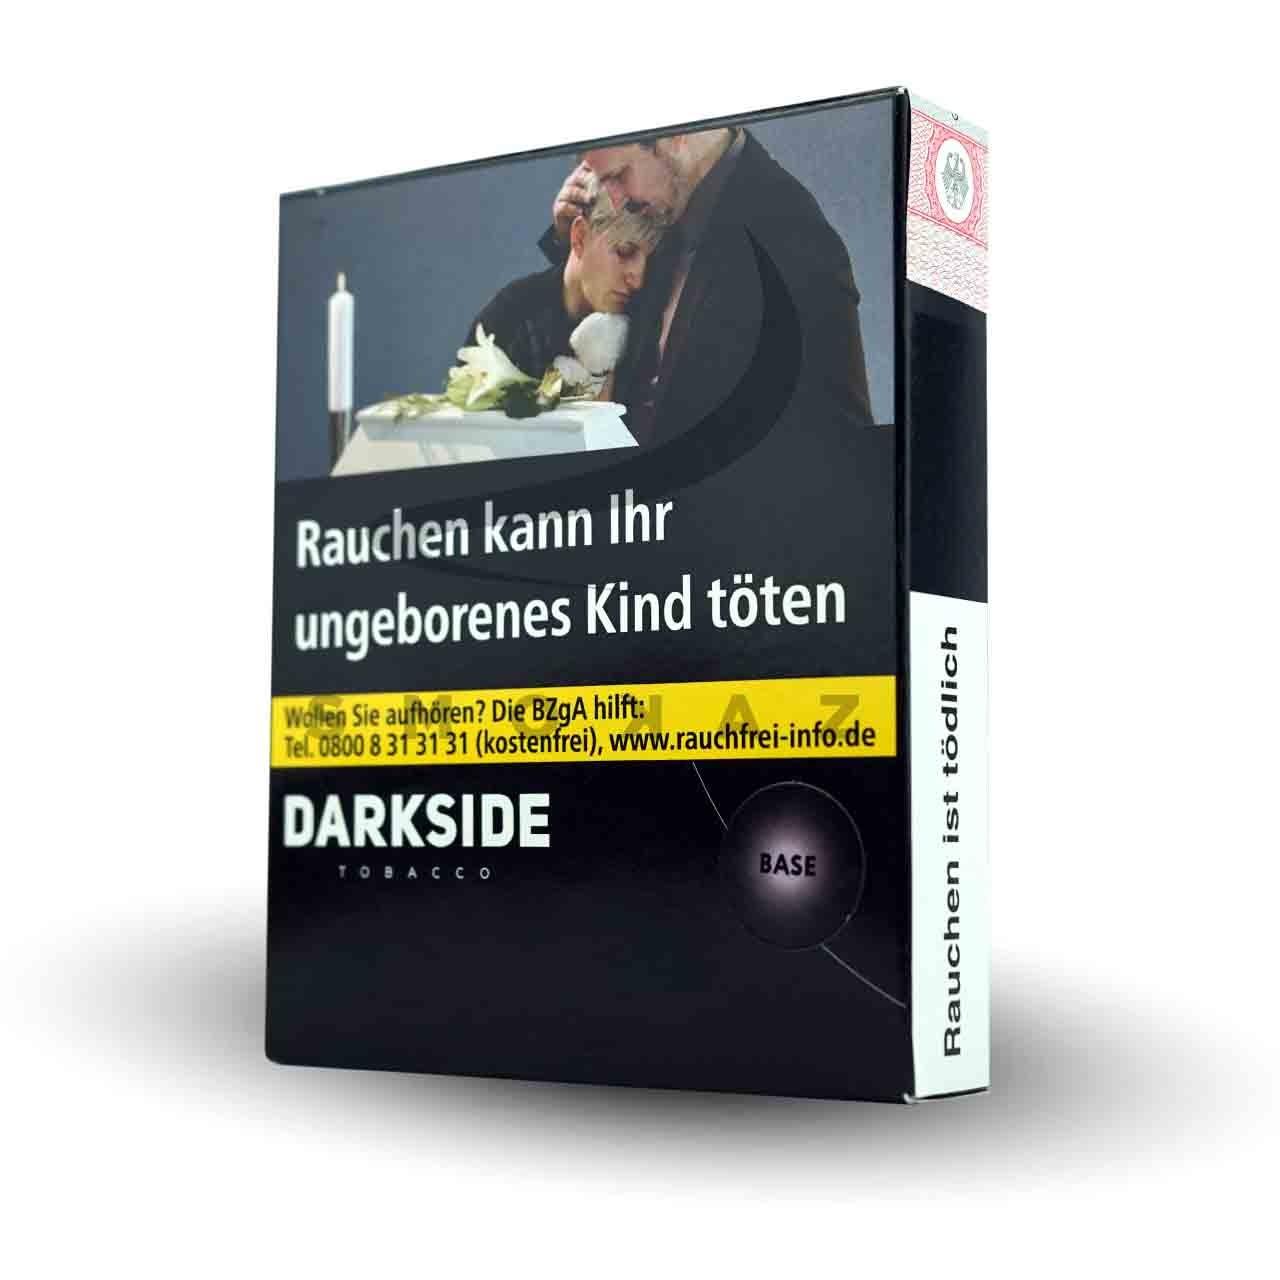 Darkside Tobacco - Base Lemnblast 200g